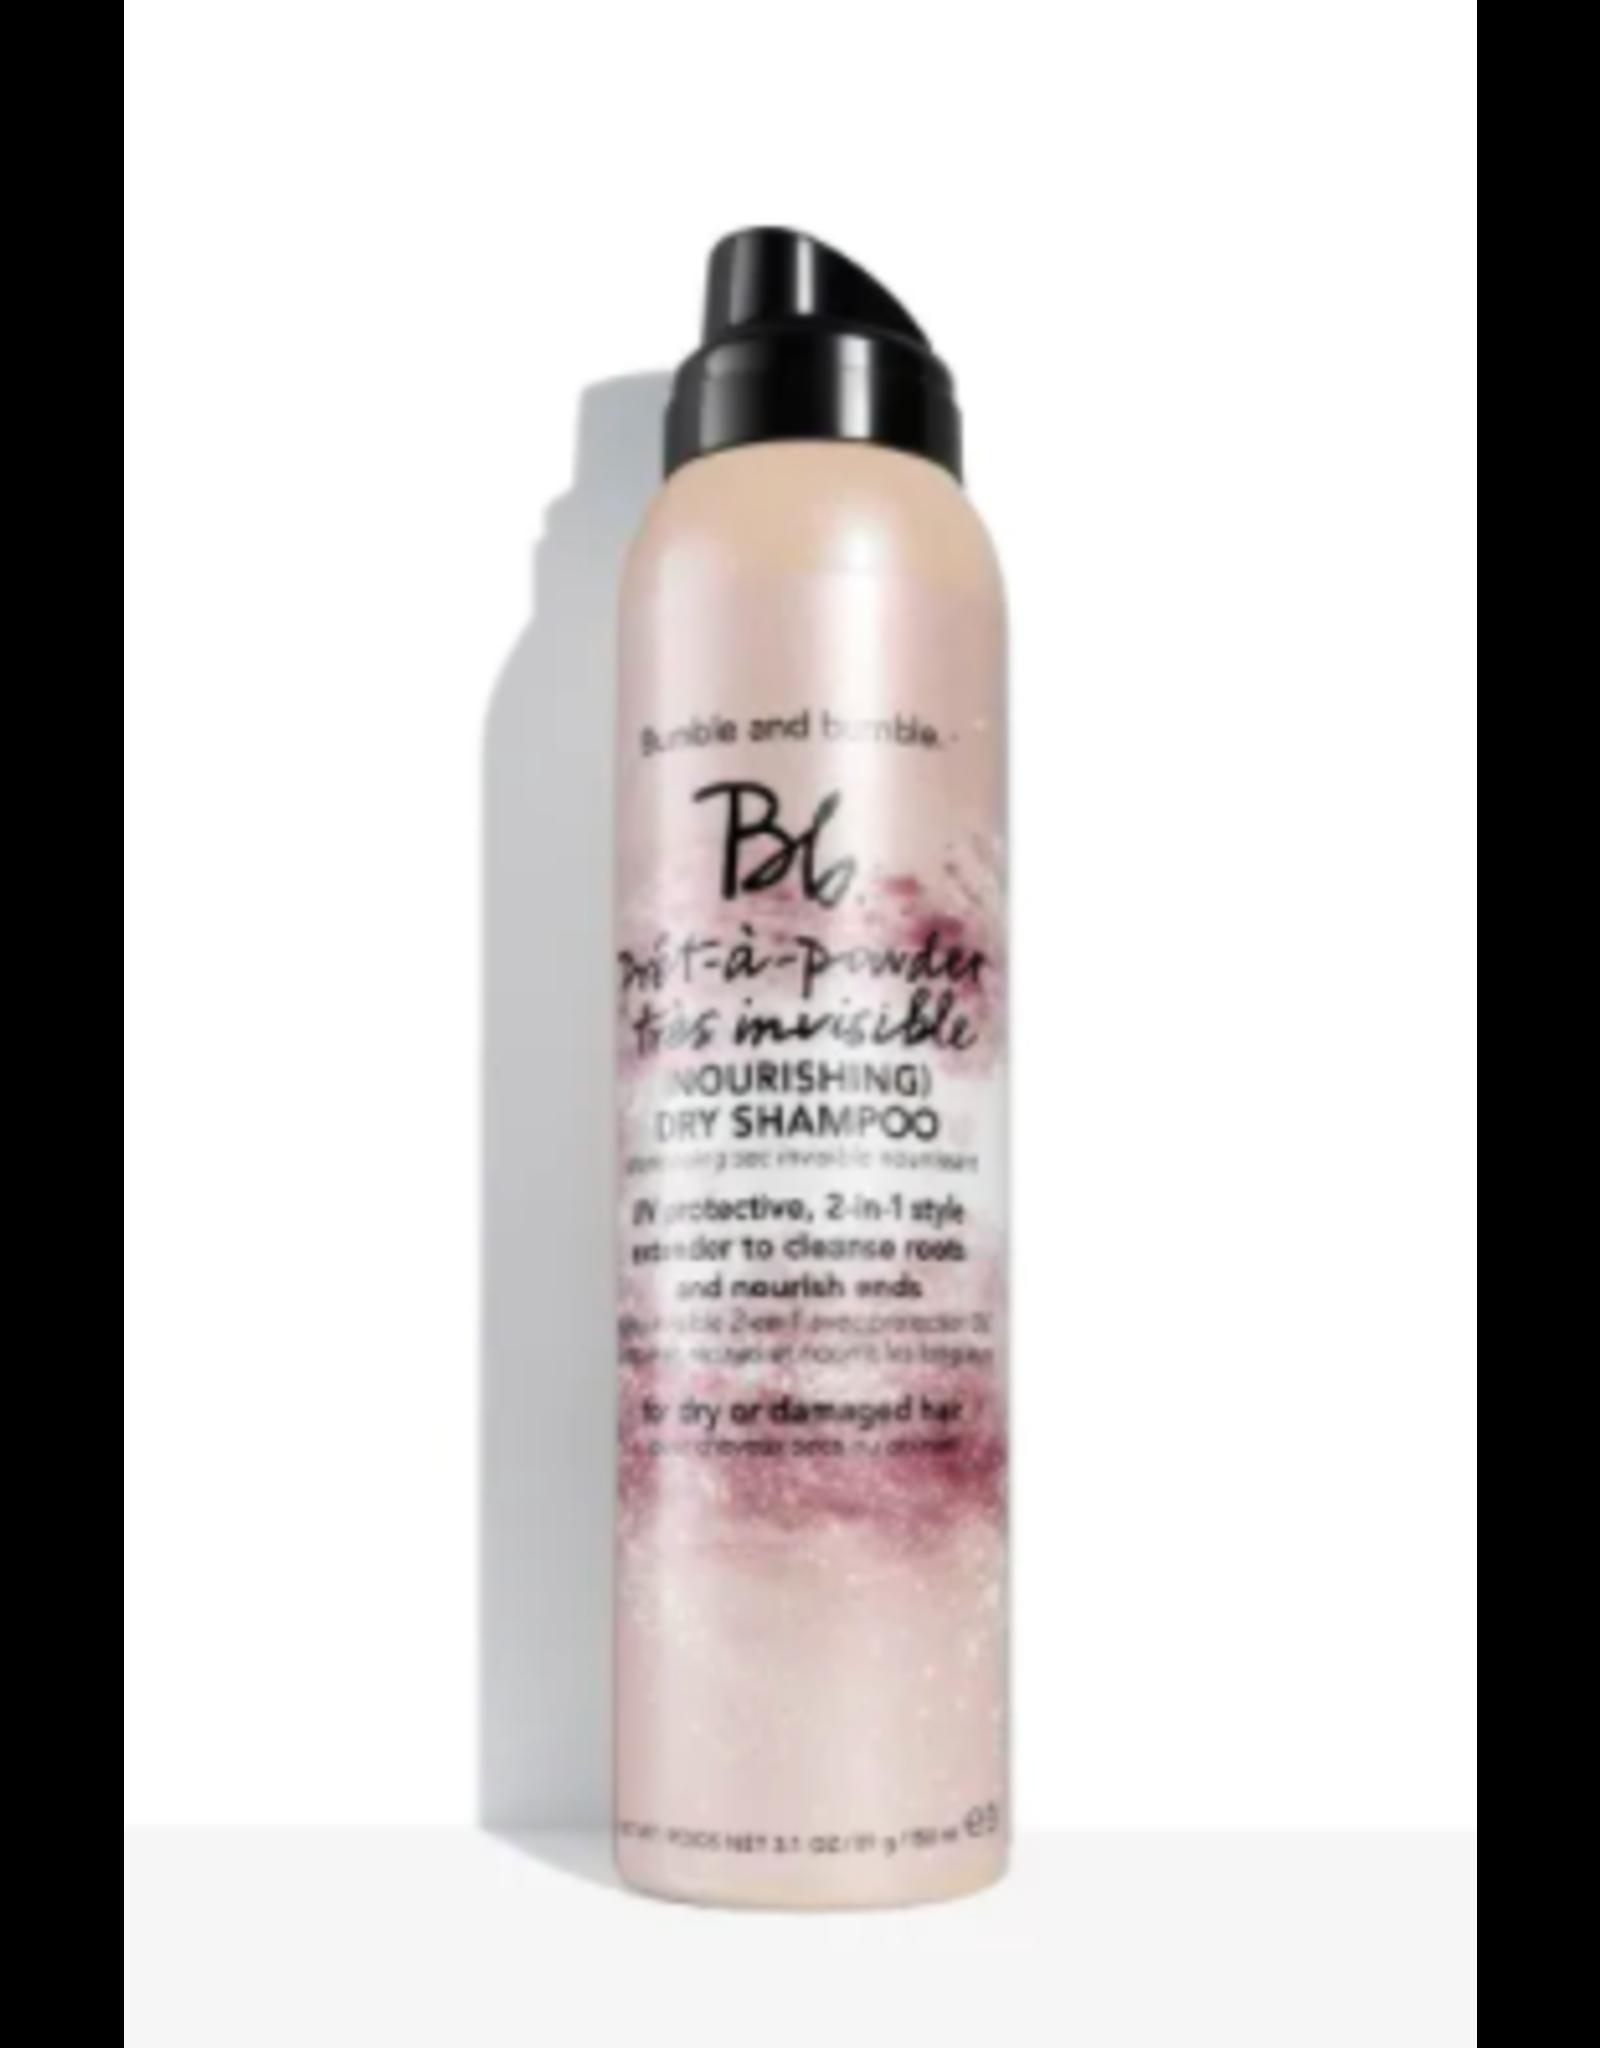 Bb Prêt-à-Powder Très Invisible Nourishing Dry Shampoo 3.1 oz